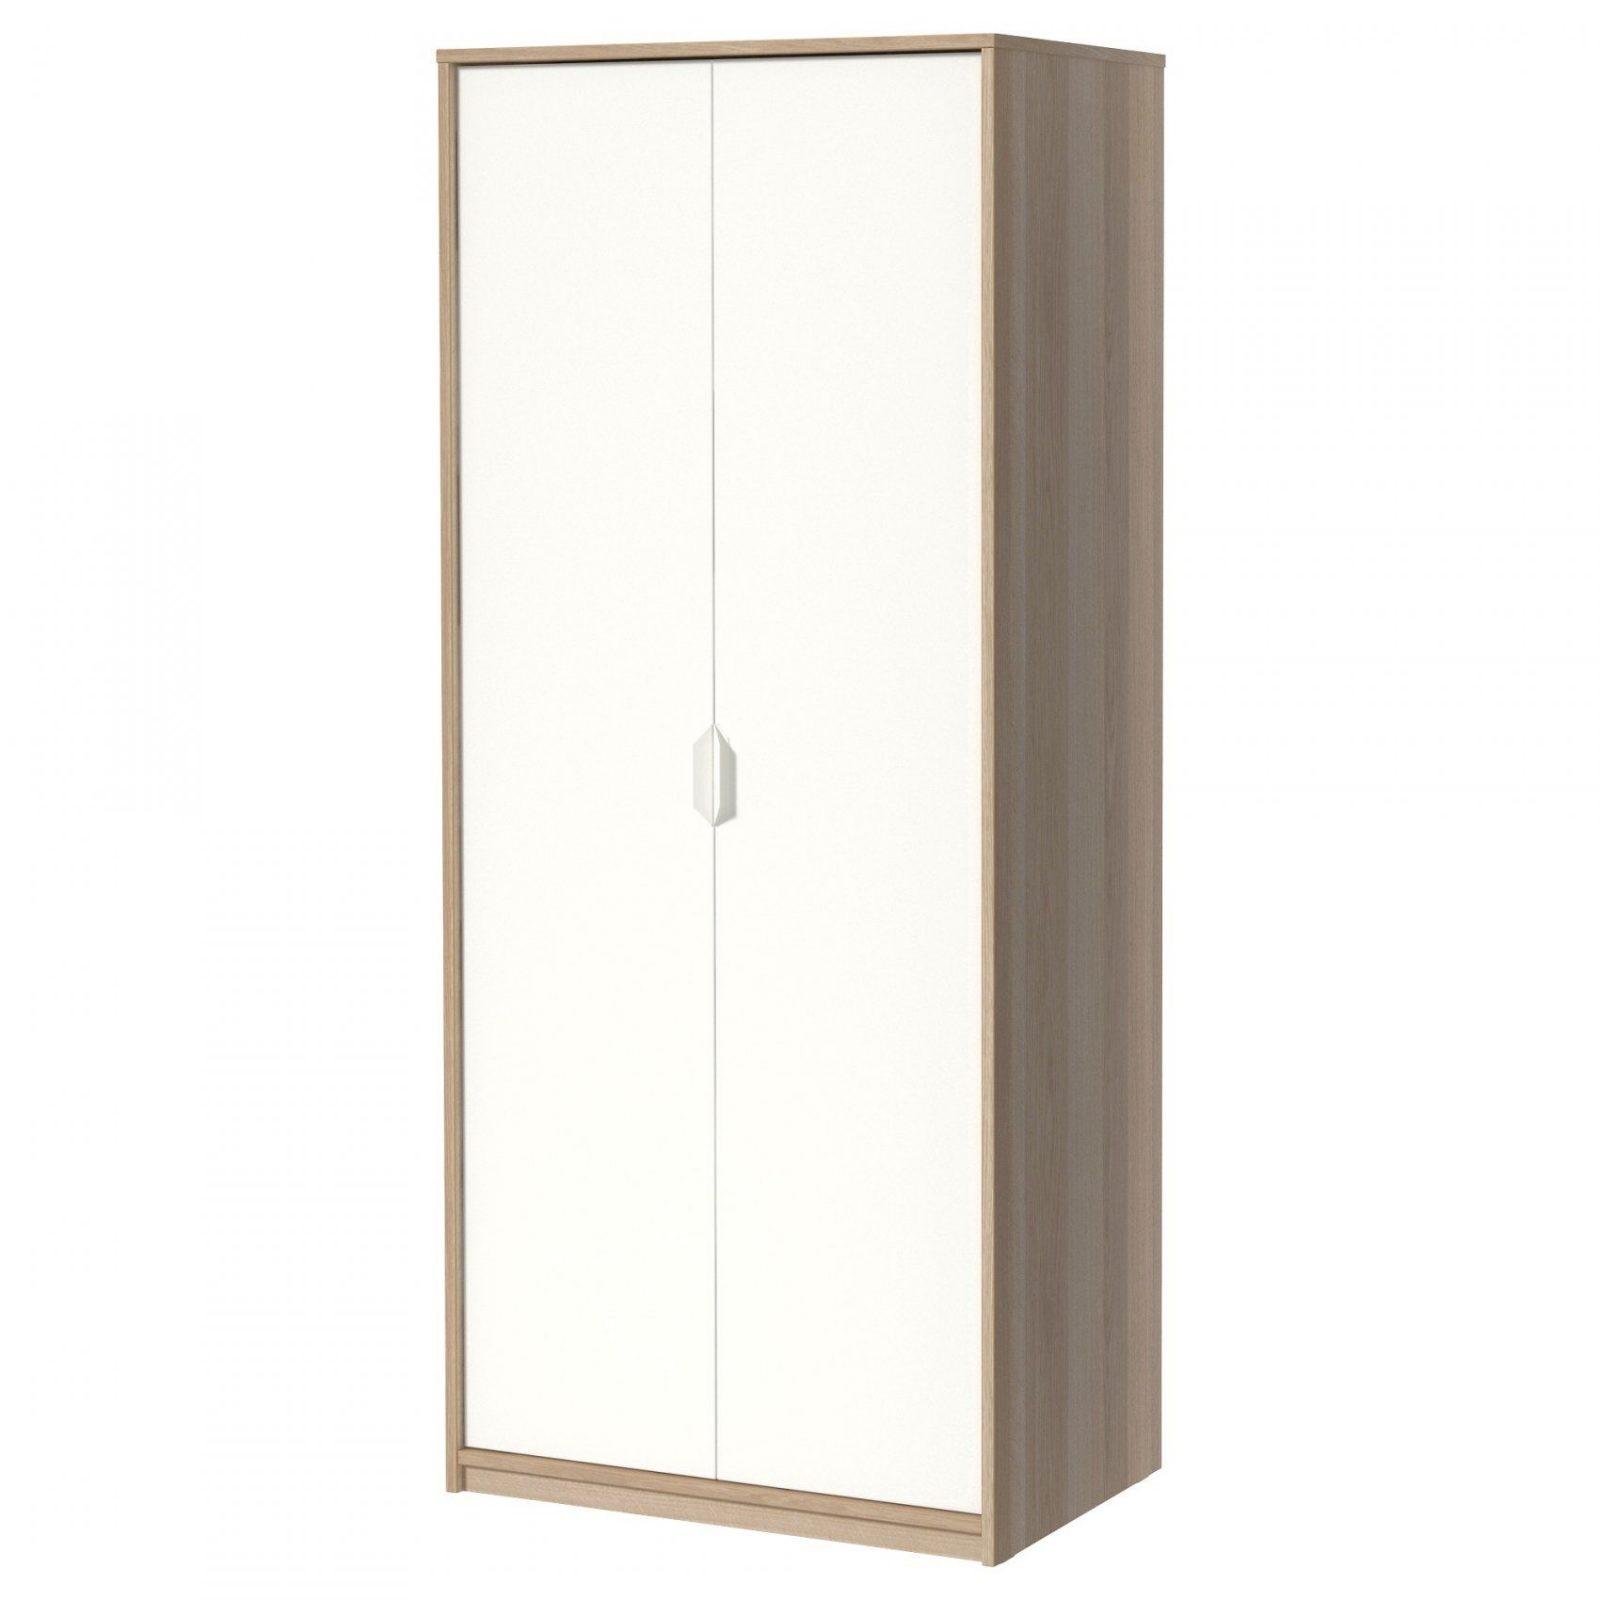 kleiderschrank breite 80 cm haus design ideen. Black Bedroom Furniture Sets. Home Design Ideas